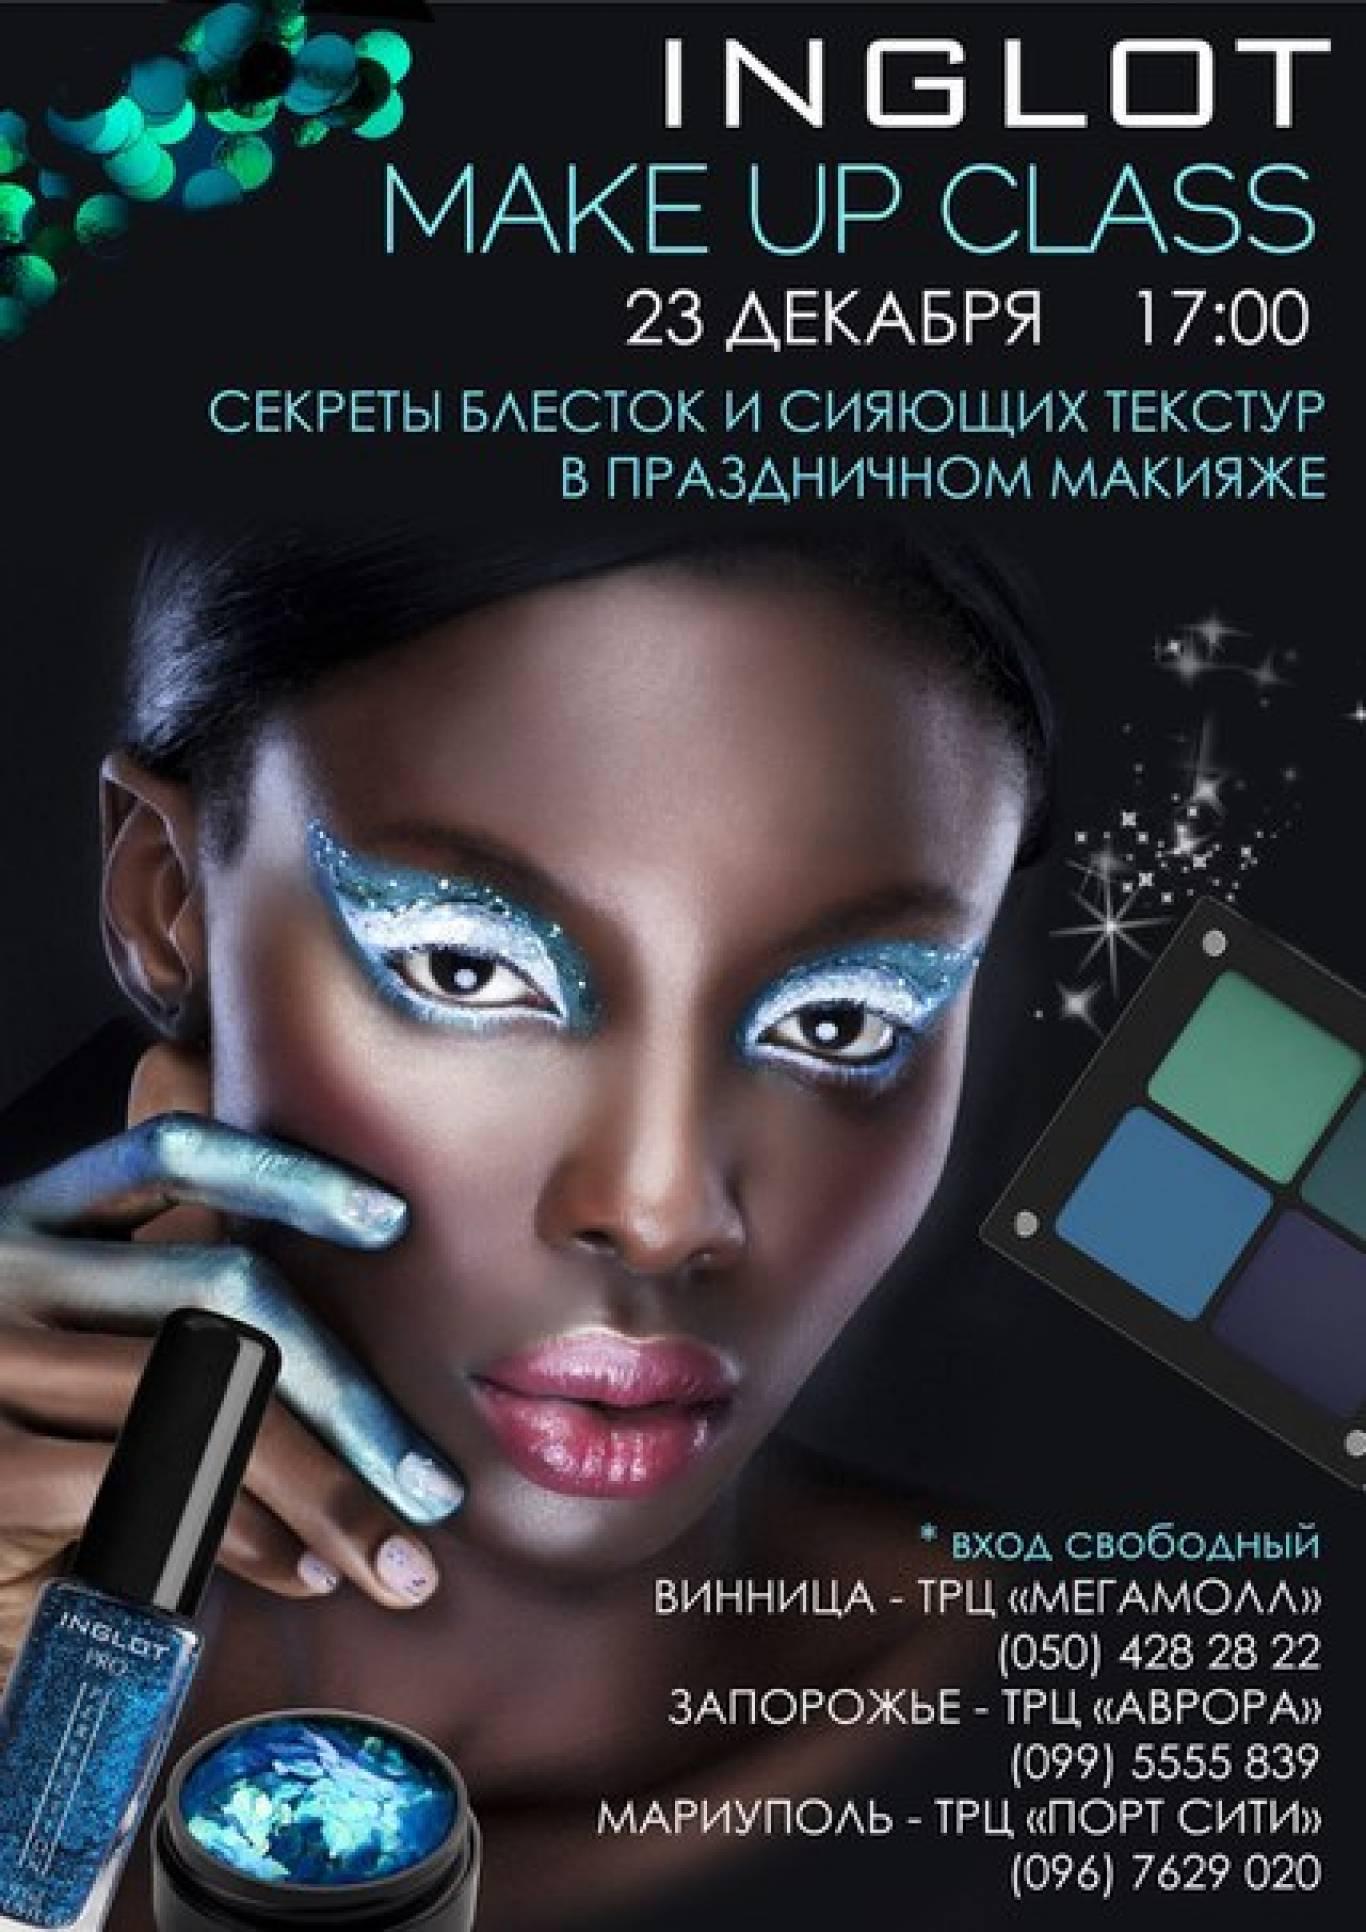 Безкоштовний урок макіяжу - INGLOT Make Up Class!